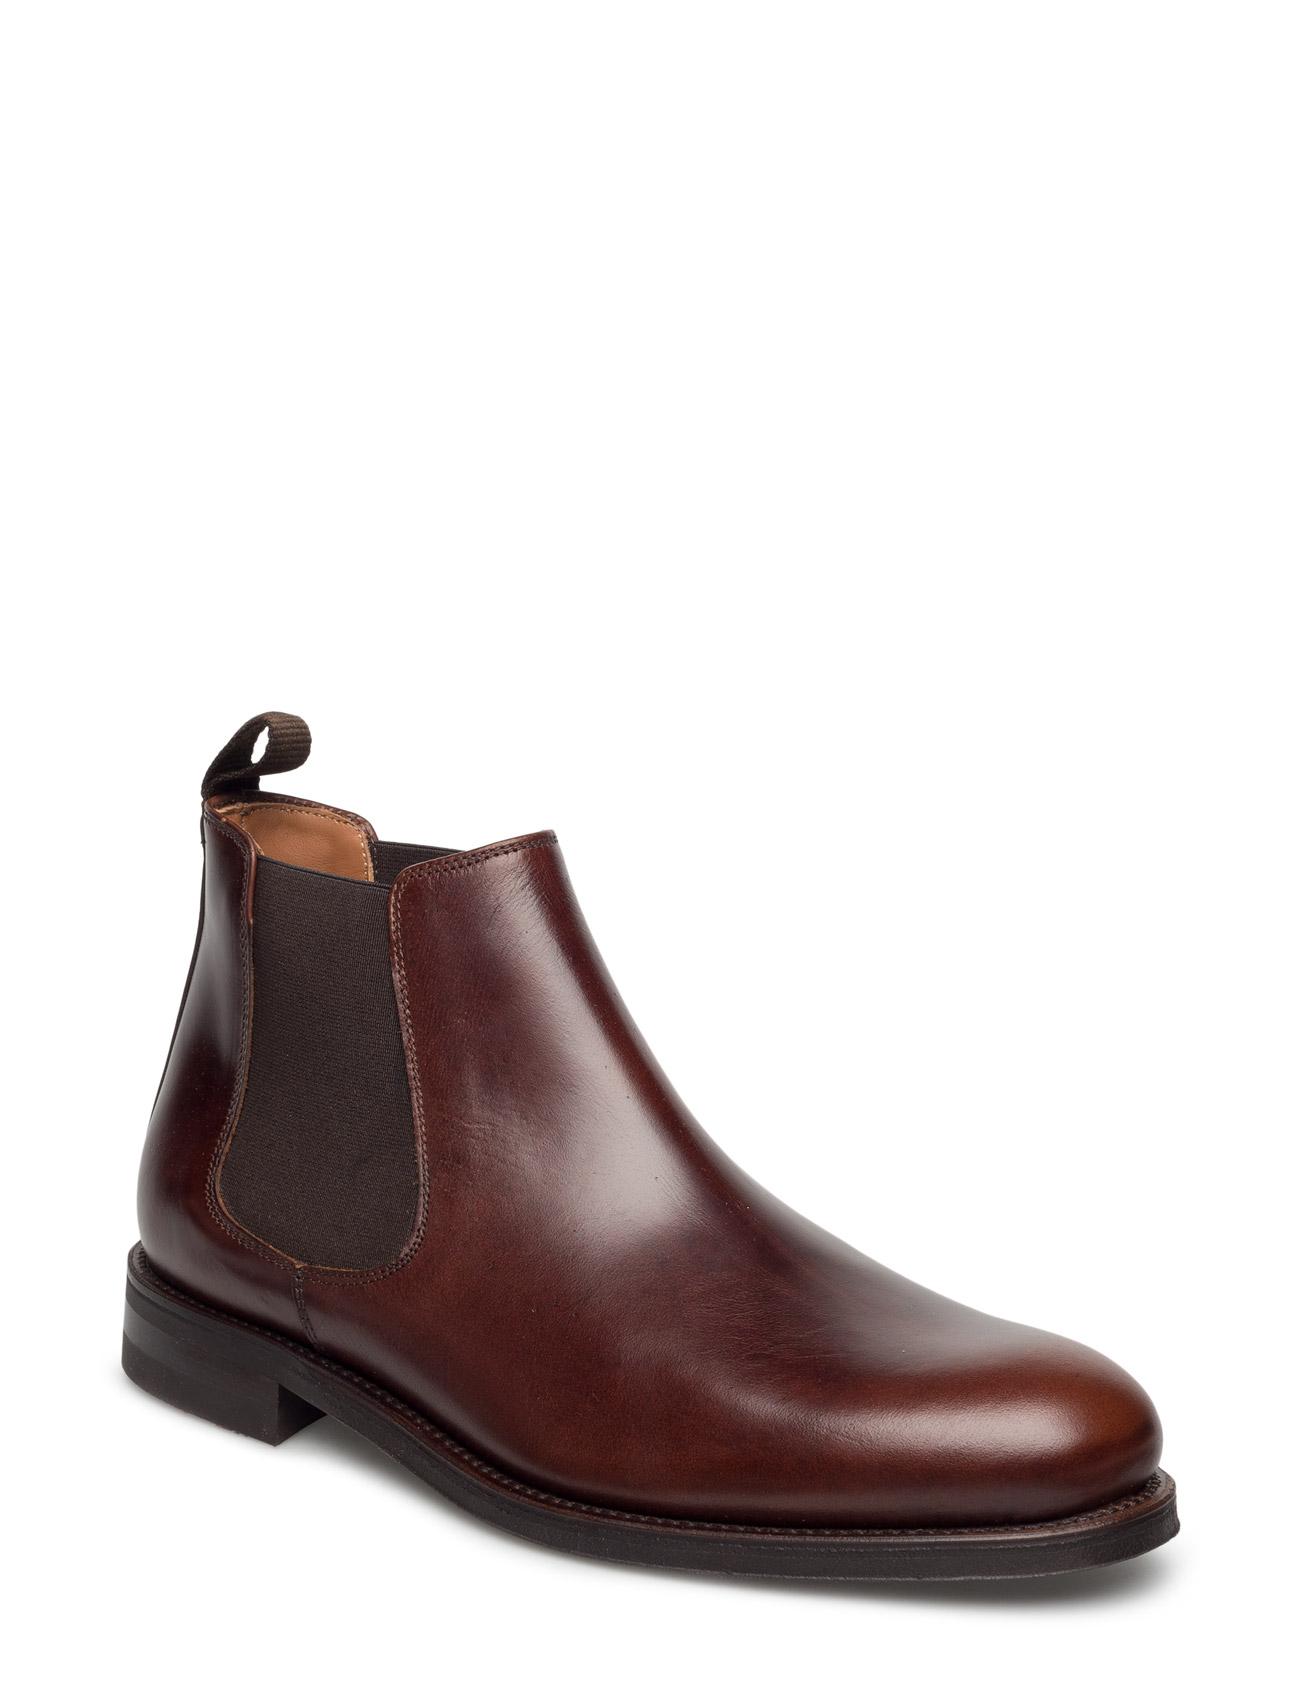 Chelsea Boot Garment Project Støvler til Mænd i Sort læder